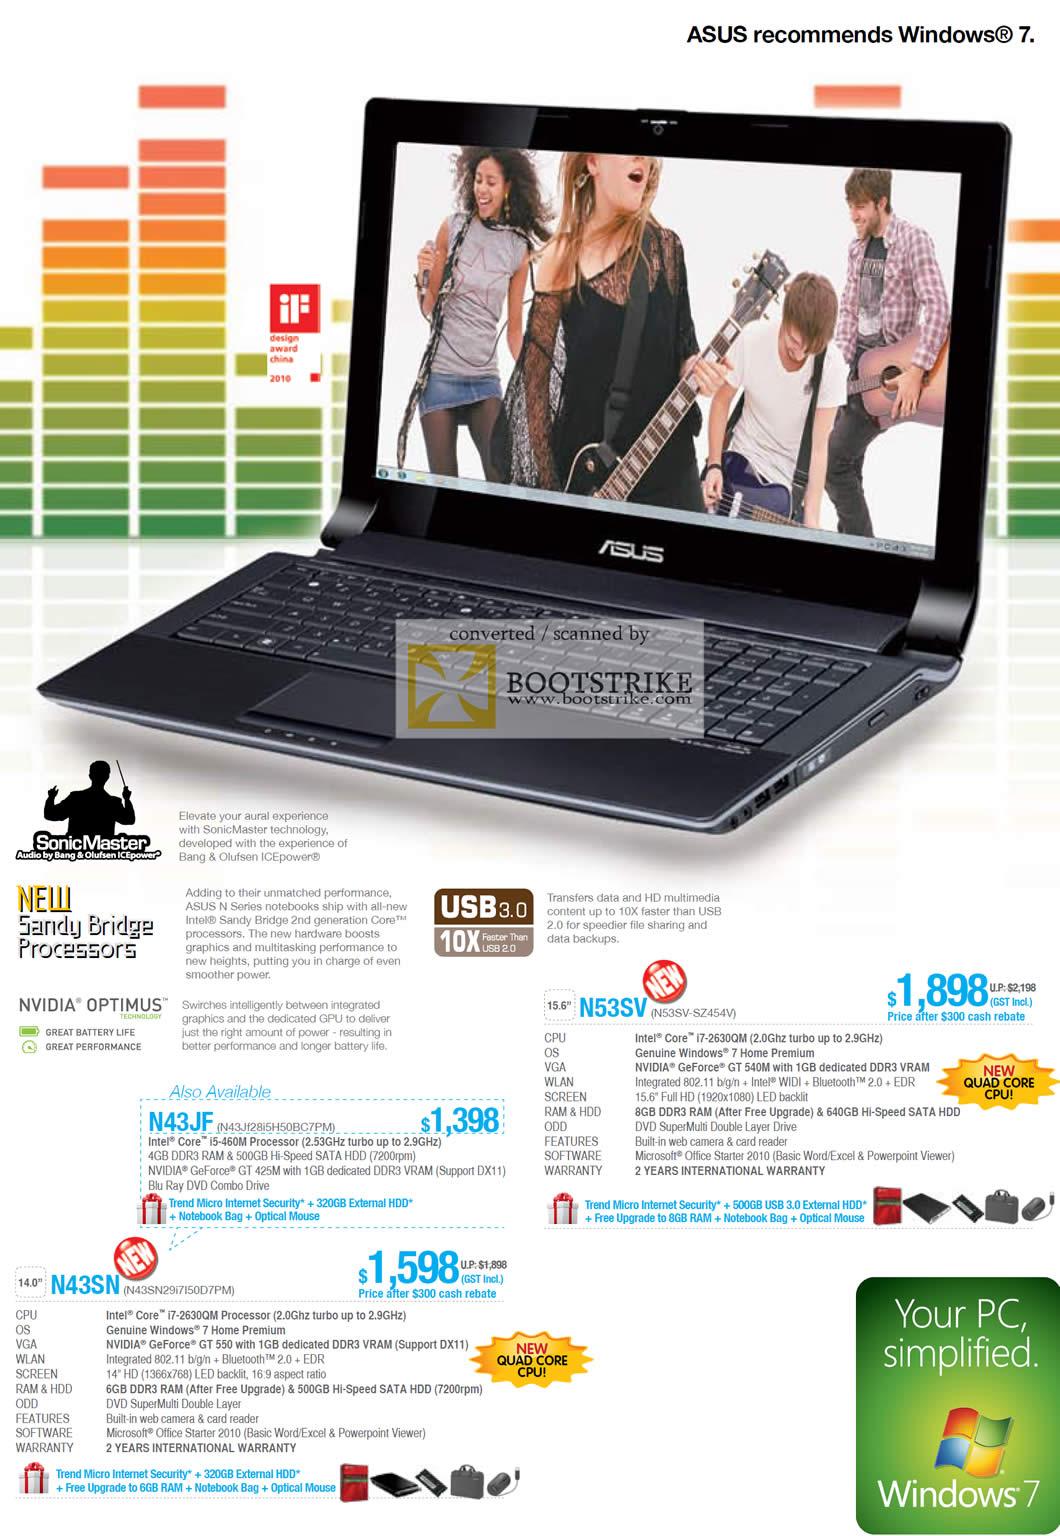 IT Show 2011 price list image brochure of ASUS Notebooks N53SV N43JF N43SN